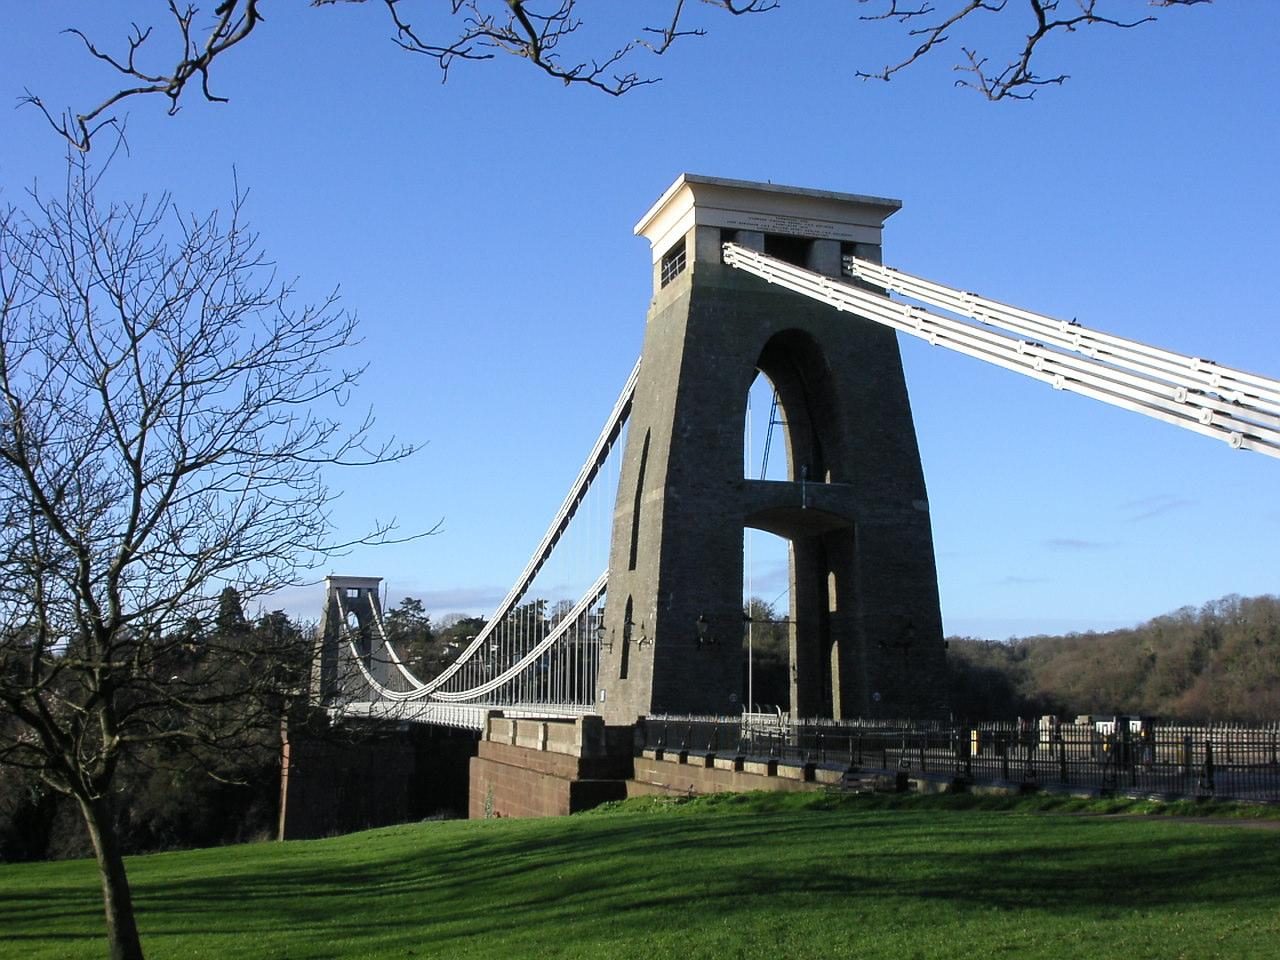 bristol-suspension-bridge-1559375